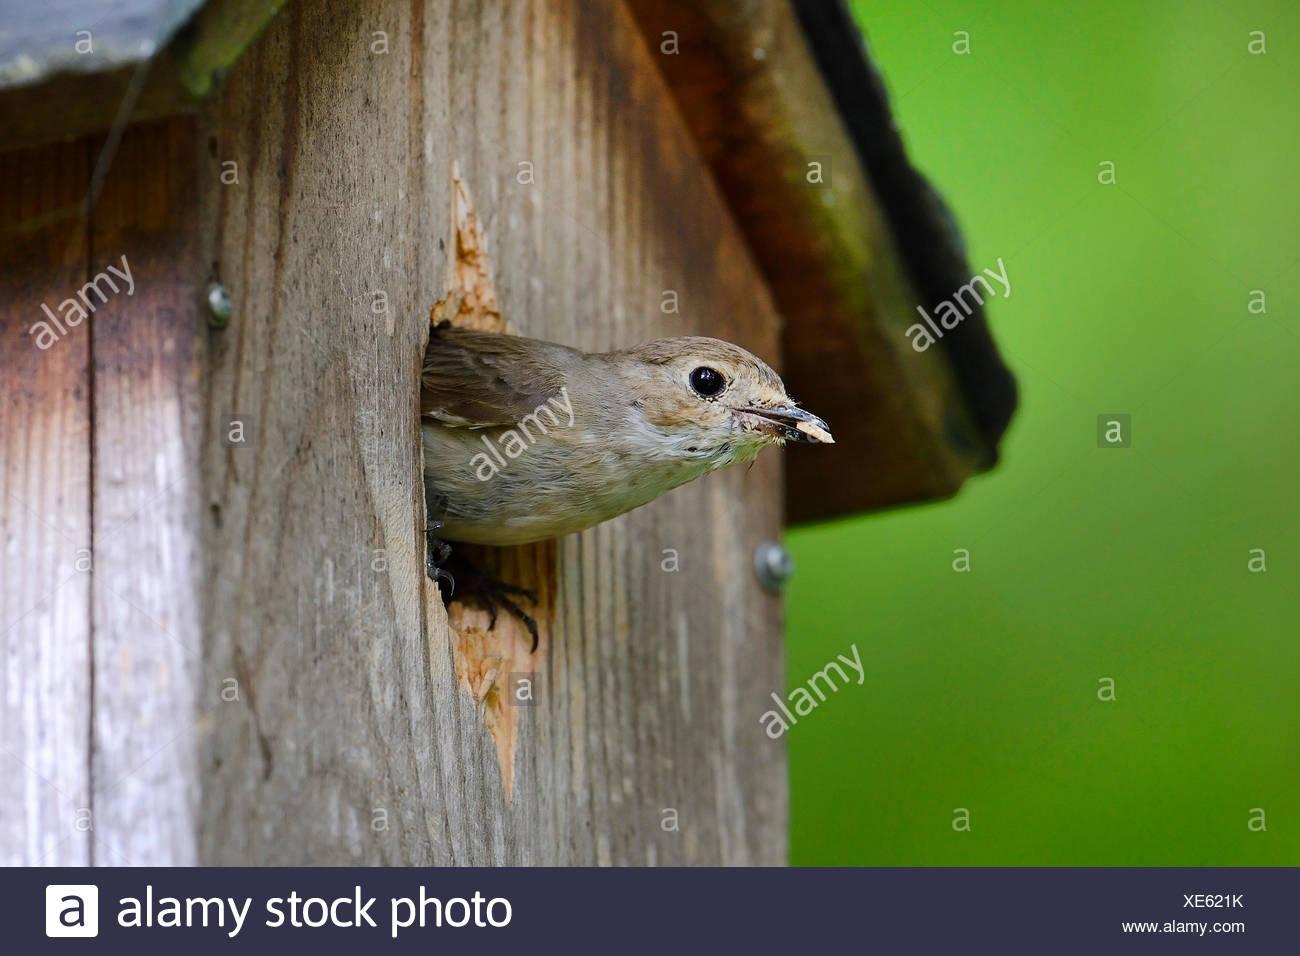 Trauerschnaepper, Trauer-Schnaepper, Trauerfliegenschnaepper, Trauer-Fliegenschnaepper (Ficedula hypoleuca), raeumt Schmutz vom Immagini Stock